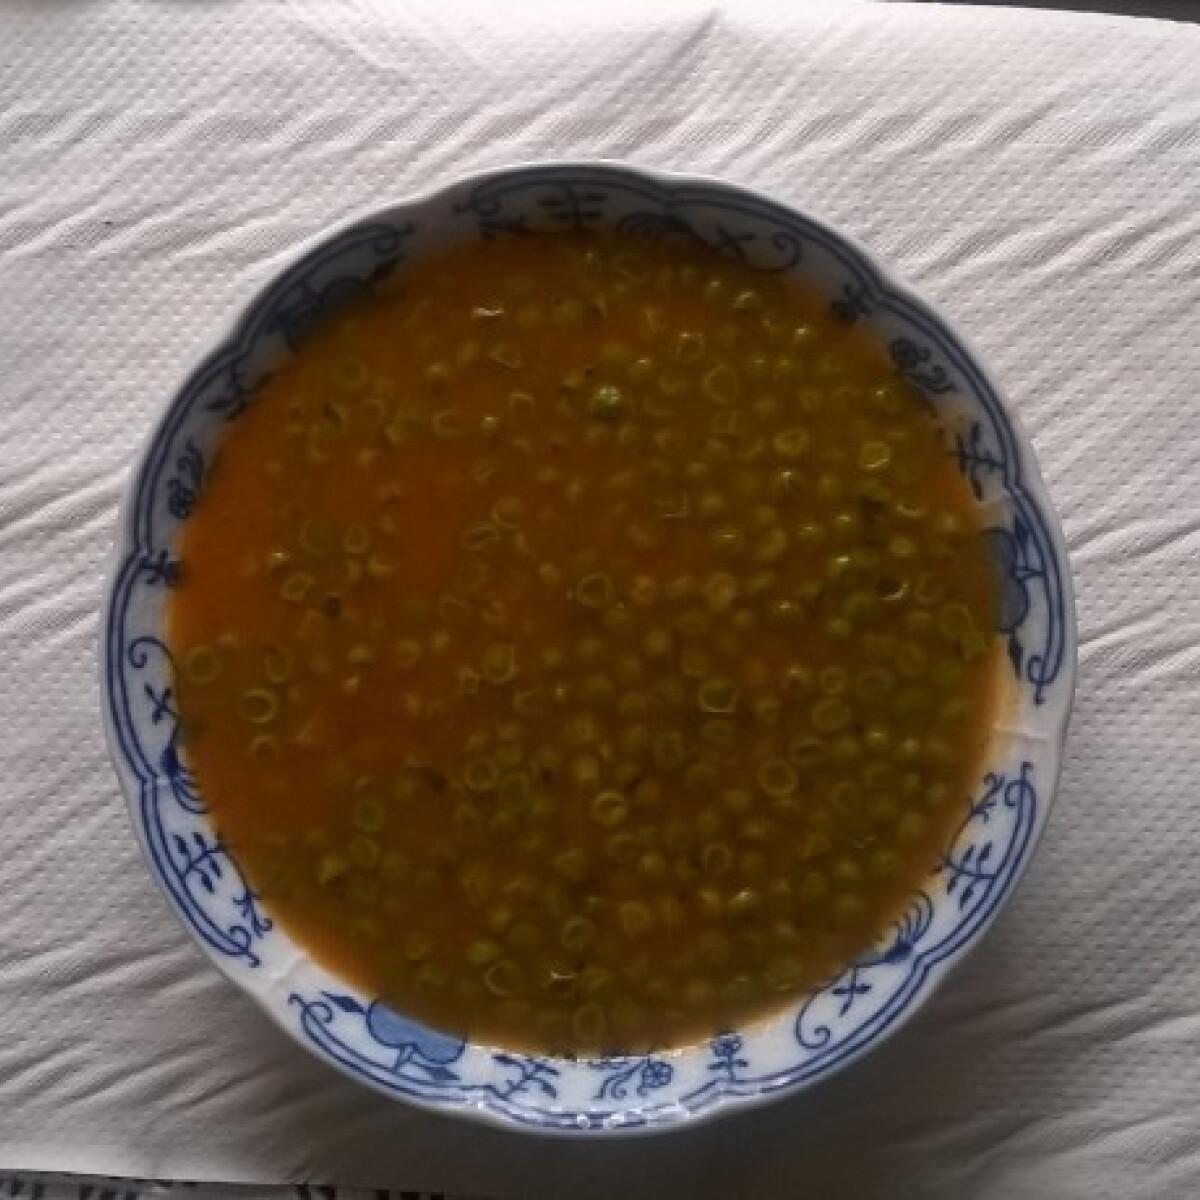 Ezen a képen: Zöldborsó főzelék márti1218 konyhájából